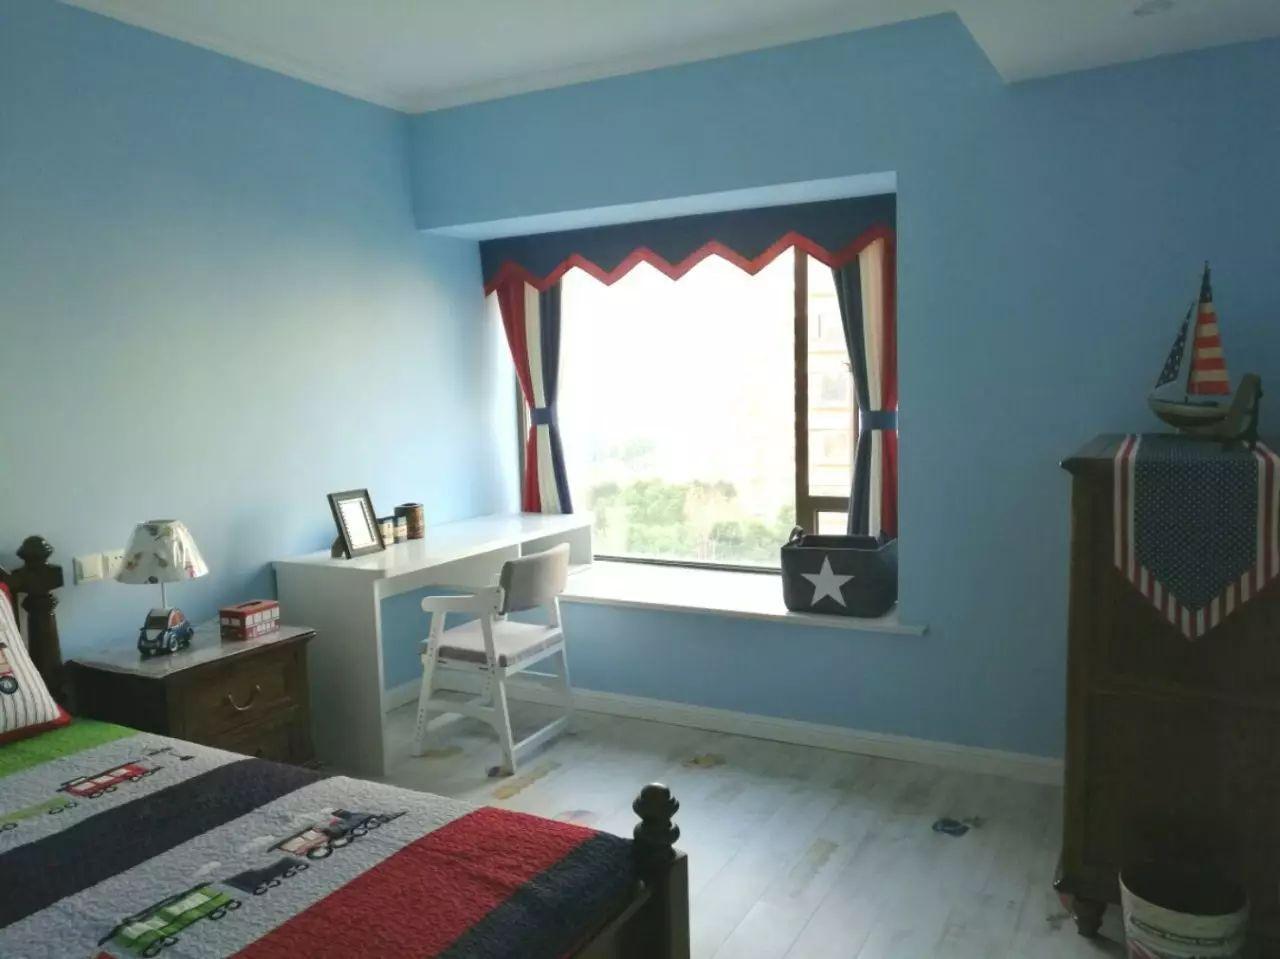 背景墙 房间 家居 起居室 设计 卧室 卧室装修 现代 装修 1280_959图片